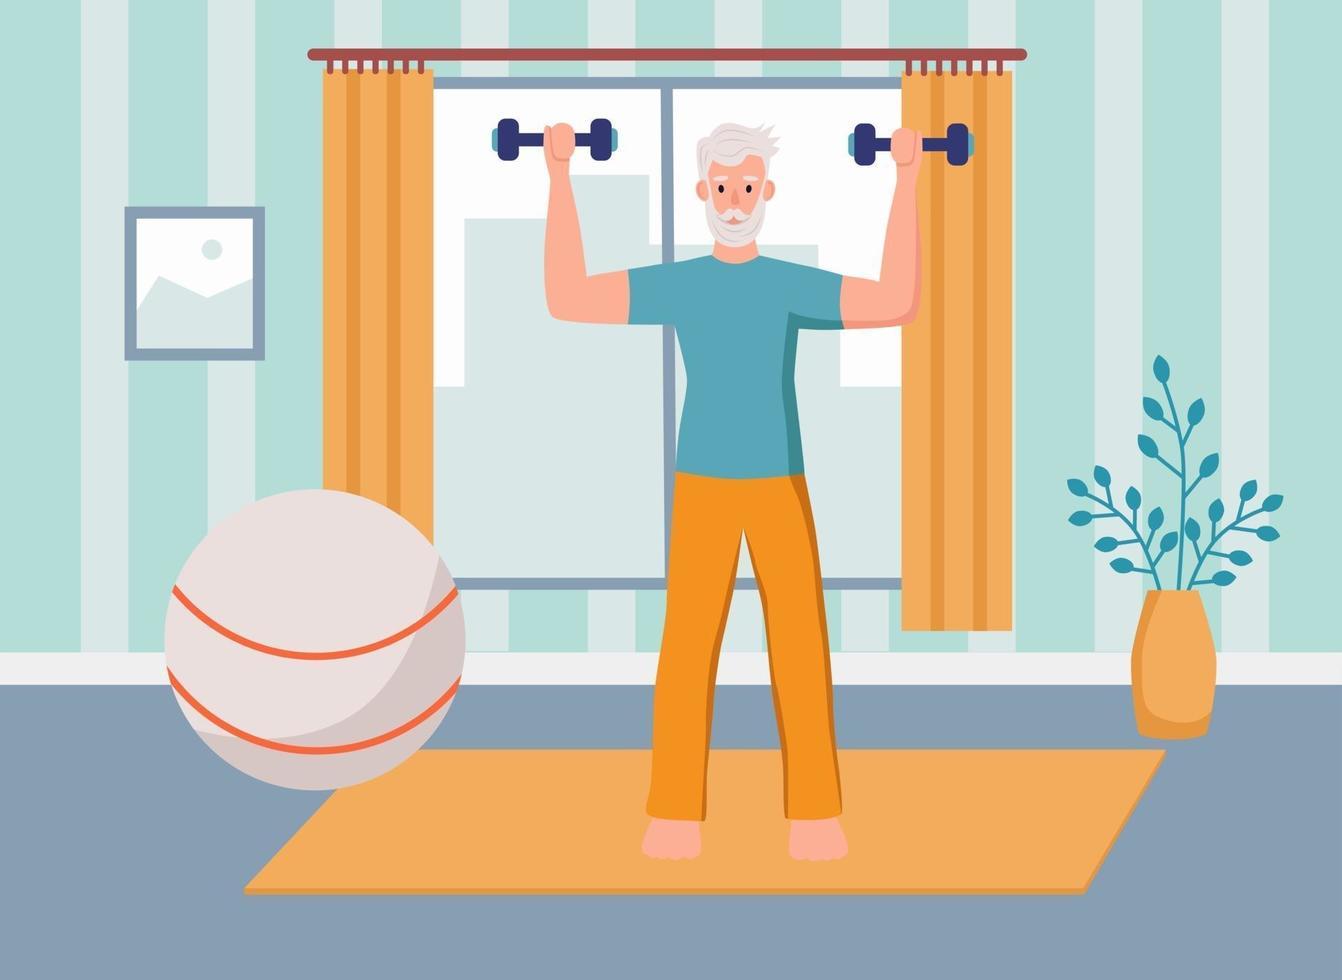 en äldre man spelar sport hemma .. begreppet aktiv ålderdom, sport och yoga. äldre dag. platt tecknad vektorillustration. vektor